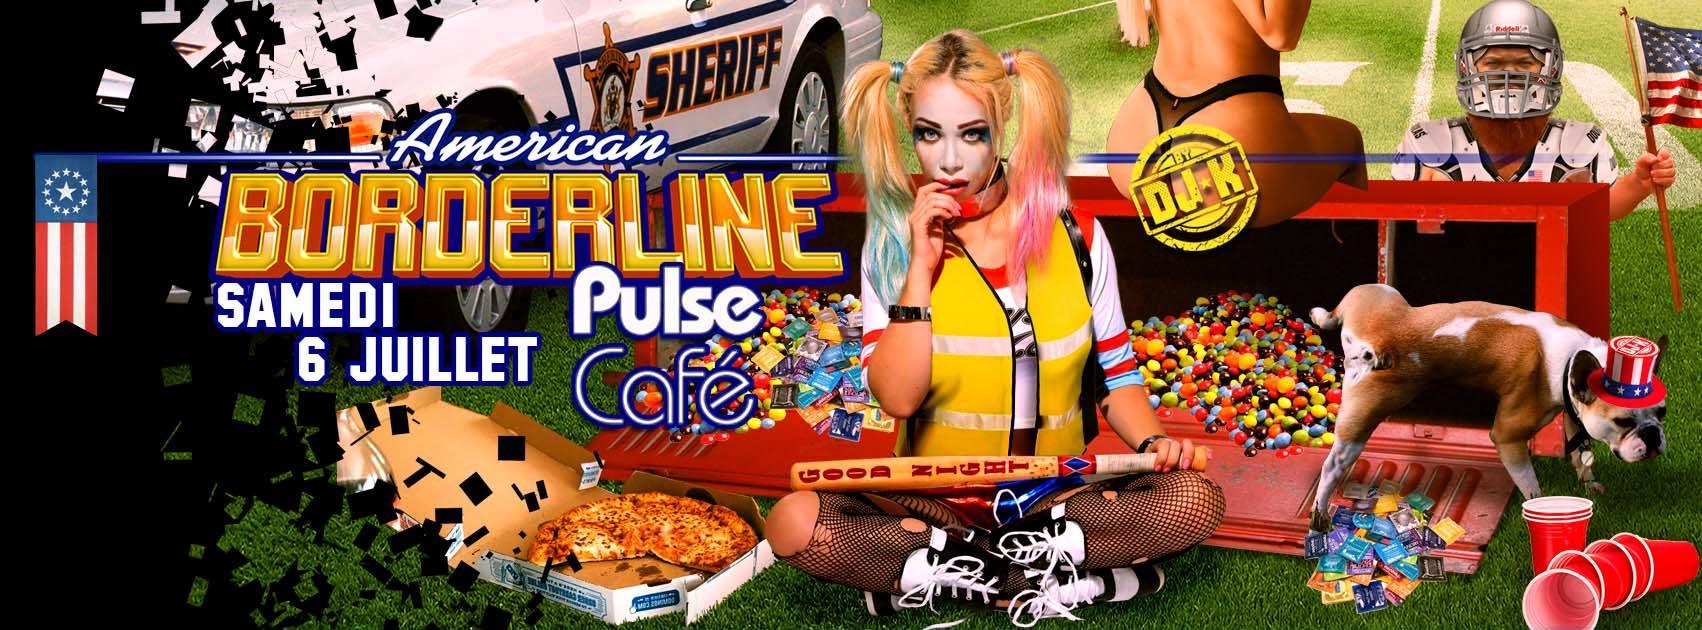 American borderline au Pulse Café